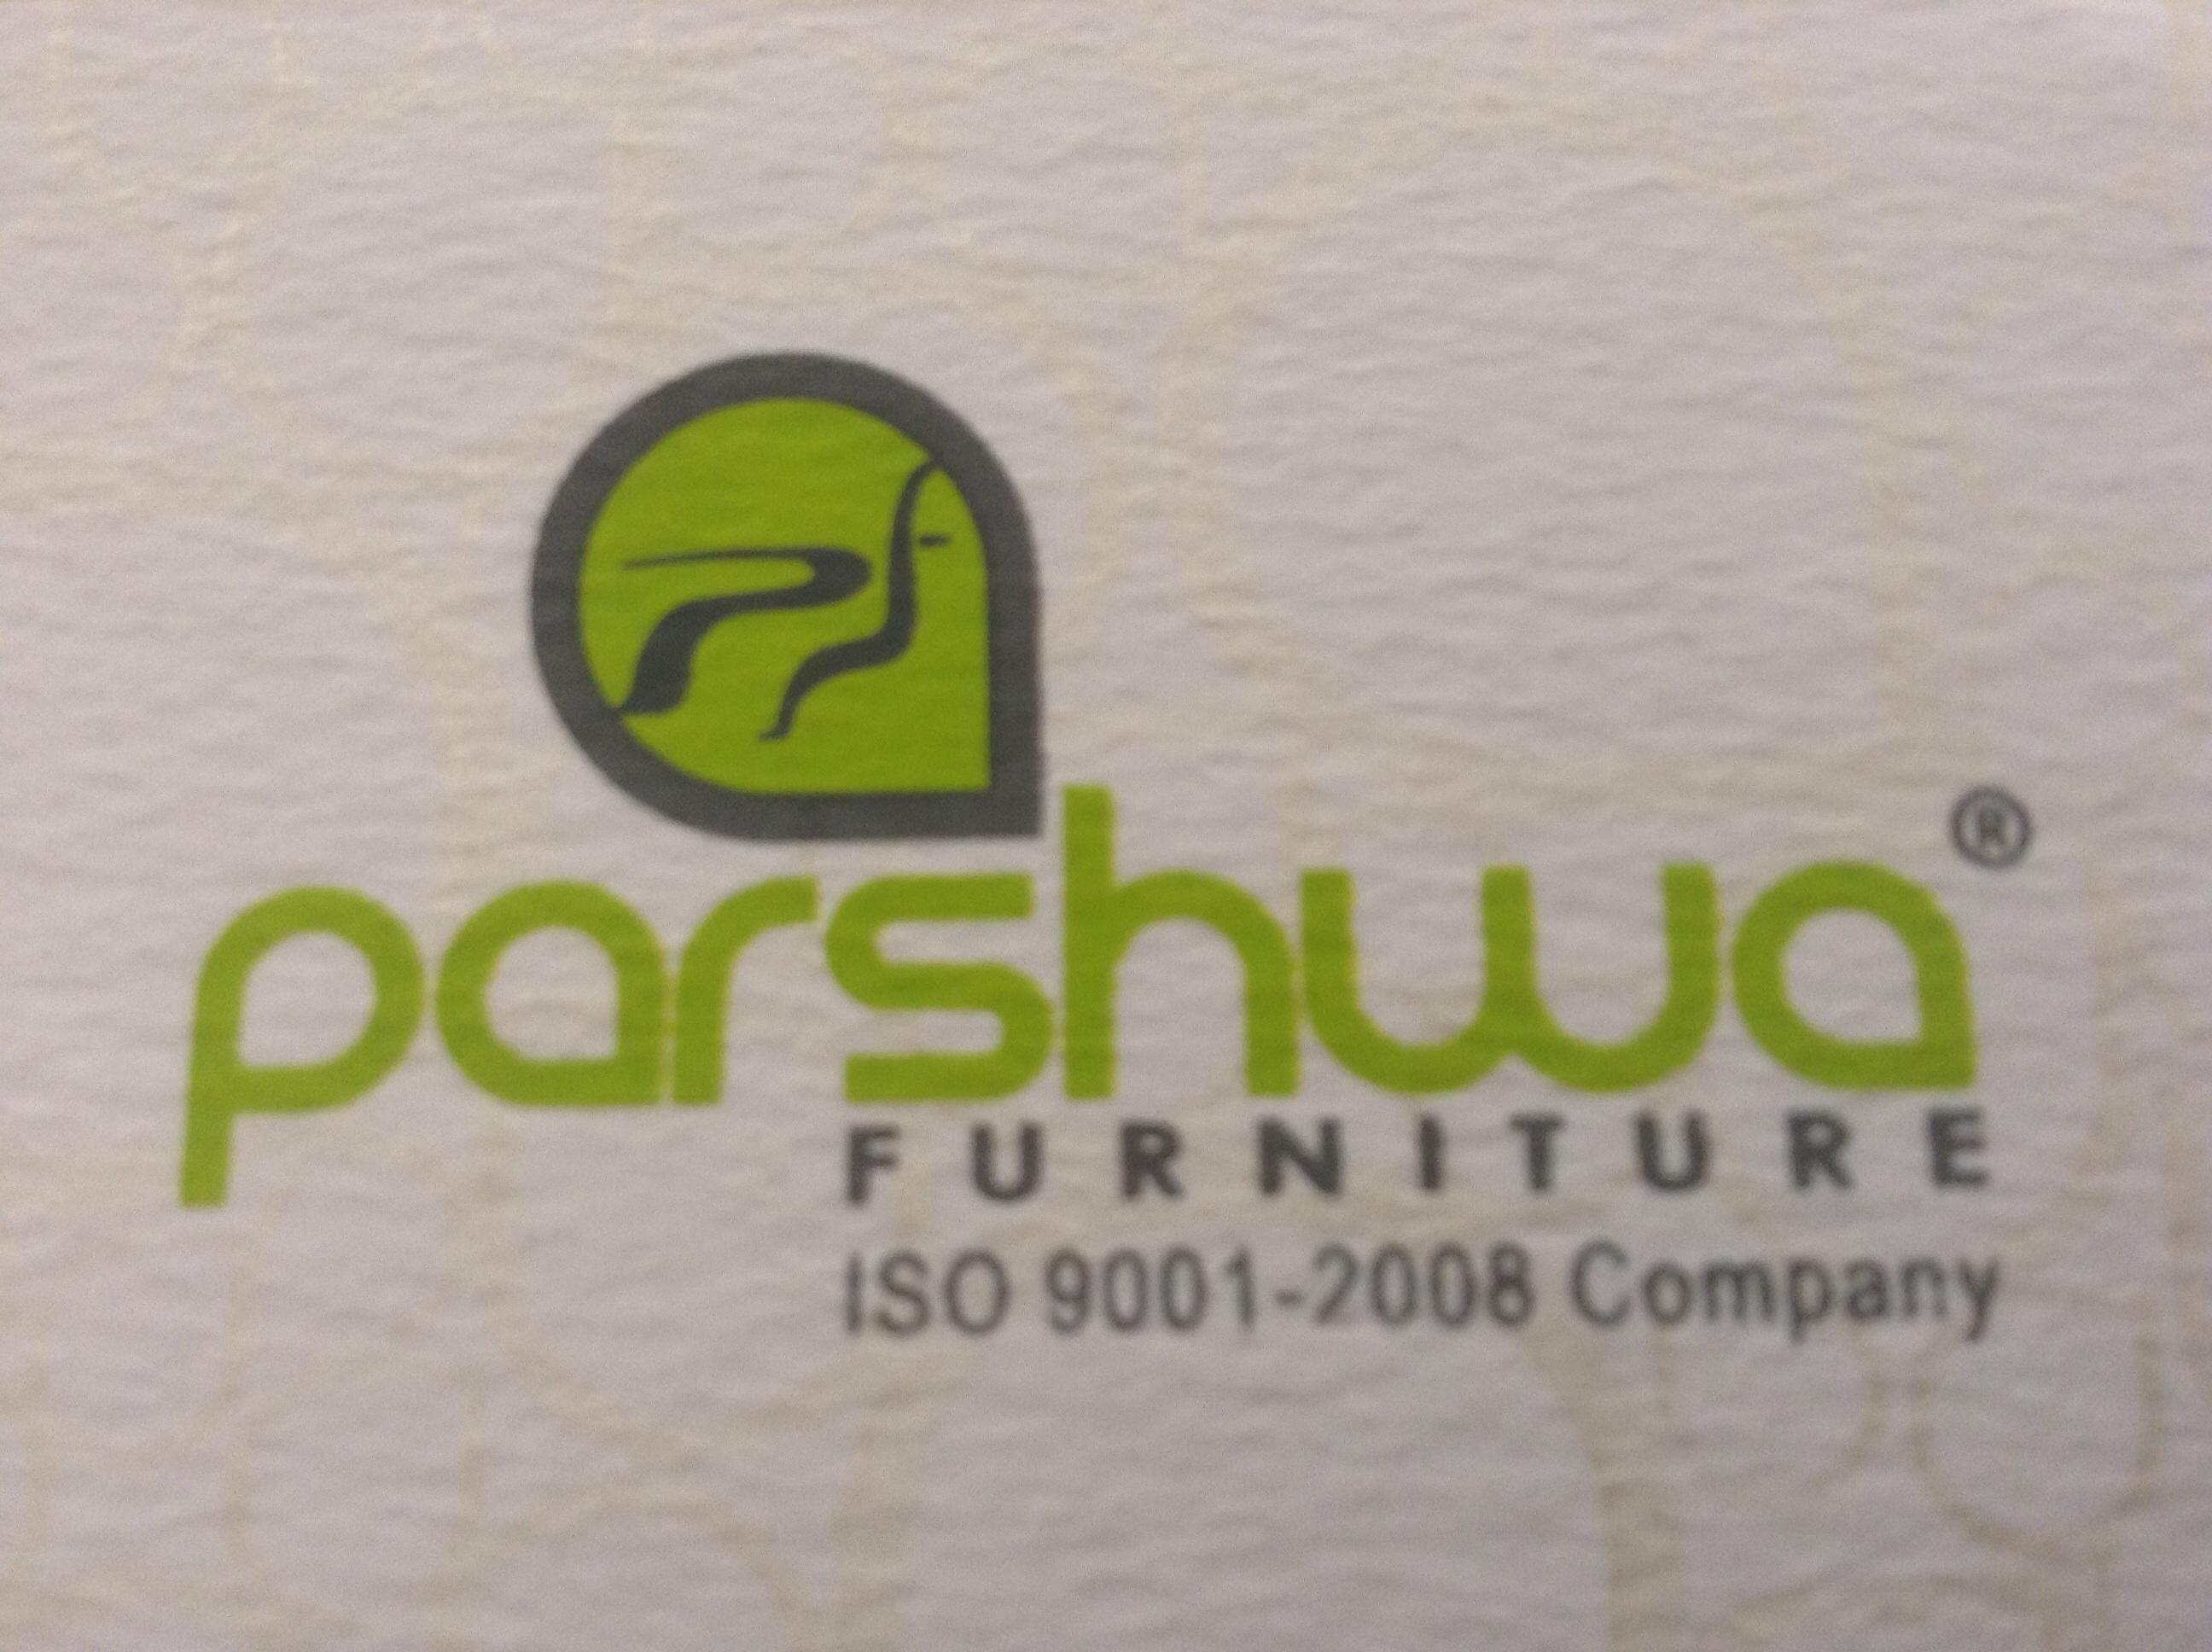 Parshwa furniture